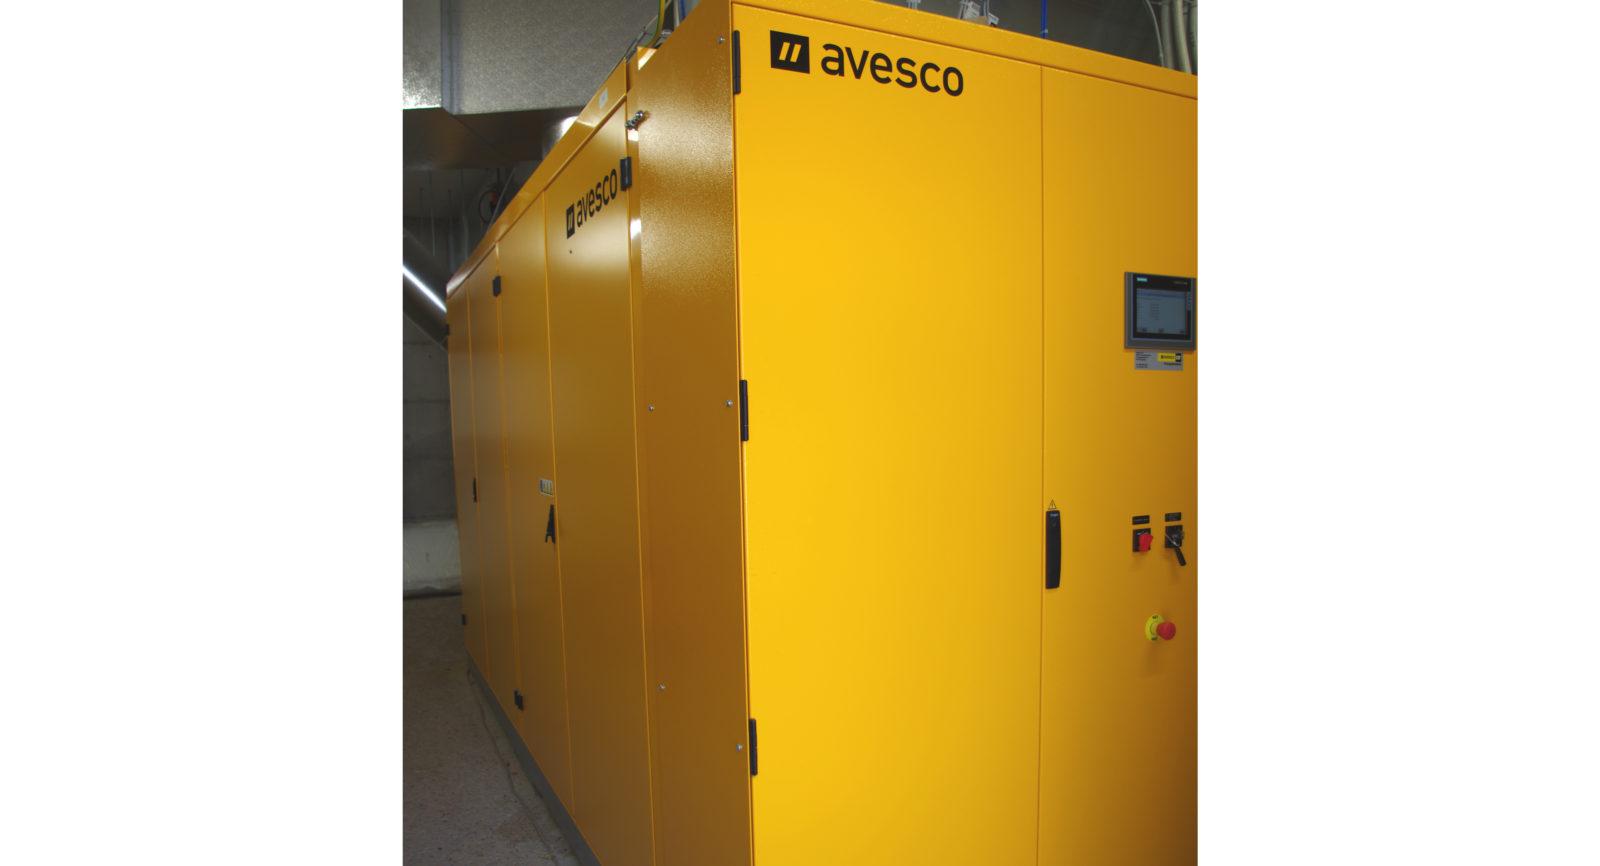 Mit drei Blockheizkraftwerken wird das erzeugte Biogas in Wärme und Strom umgewandelt und erreicht damit eine hohe Effizienz der Substratnutzung.